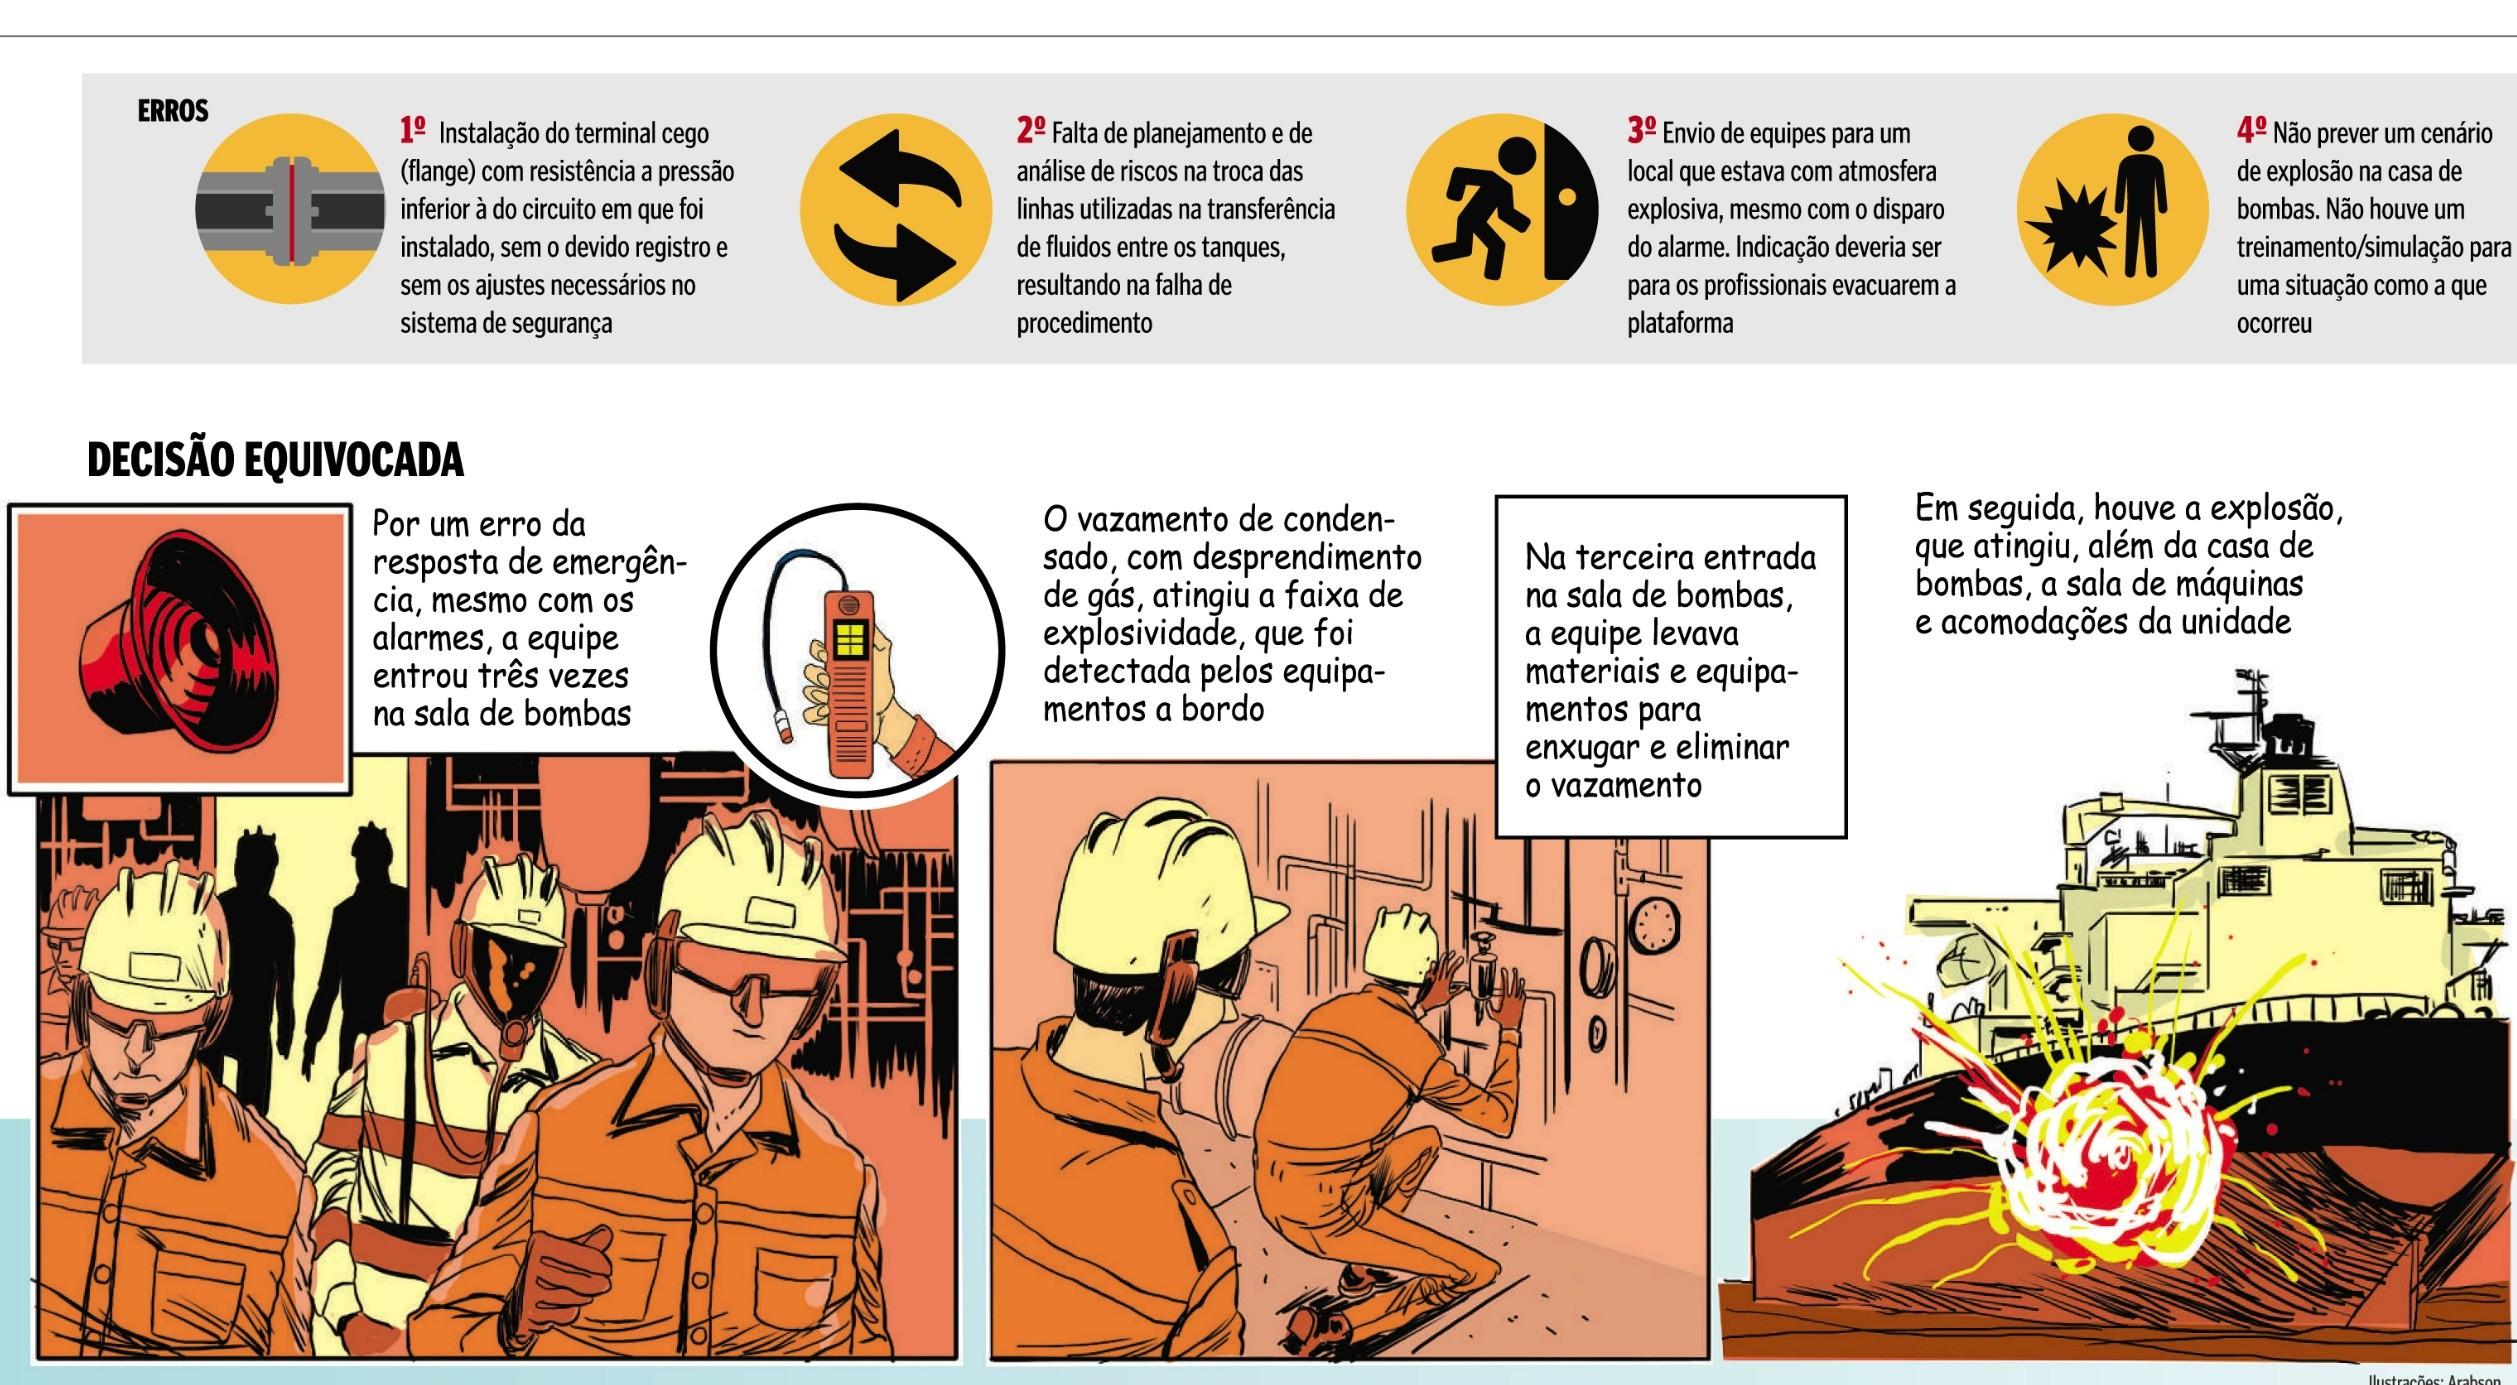 Arte mostra o que aconteceu no navio no Espírito Santo (Foto: A Gazeta)